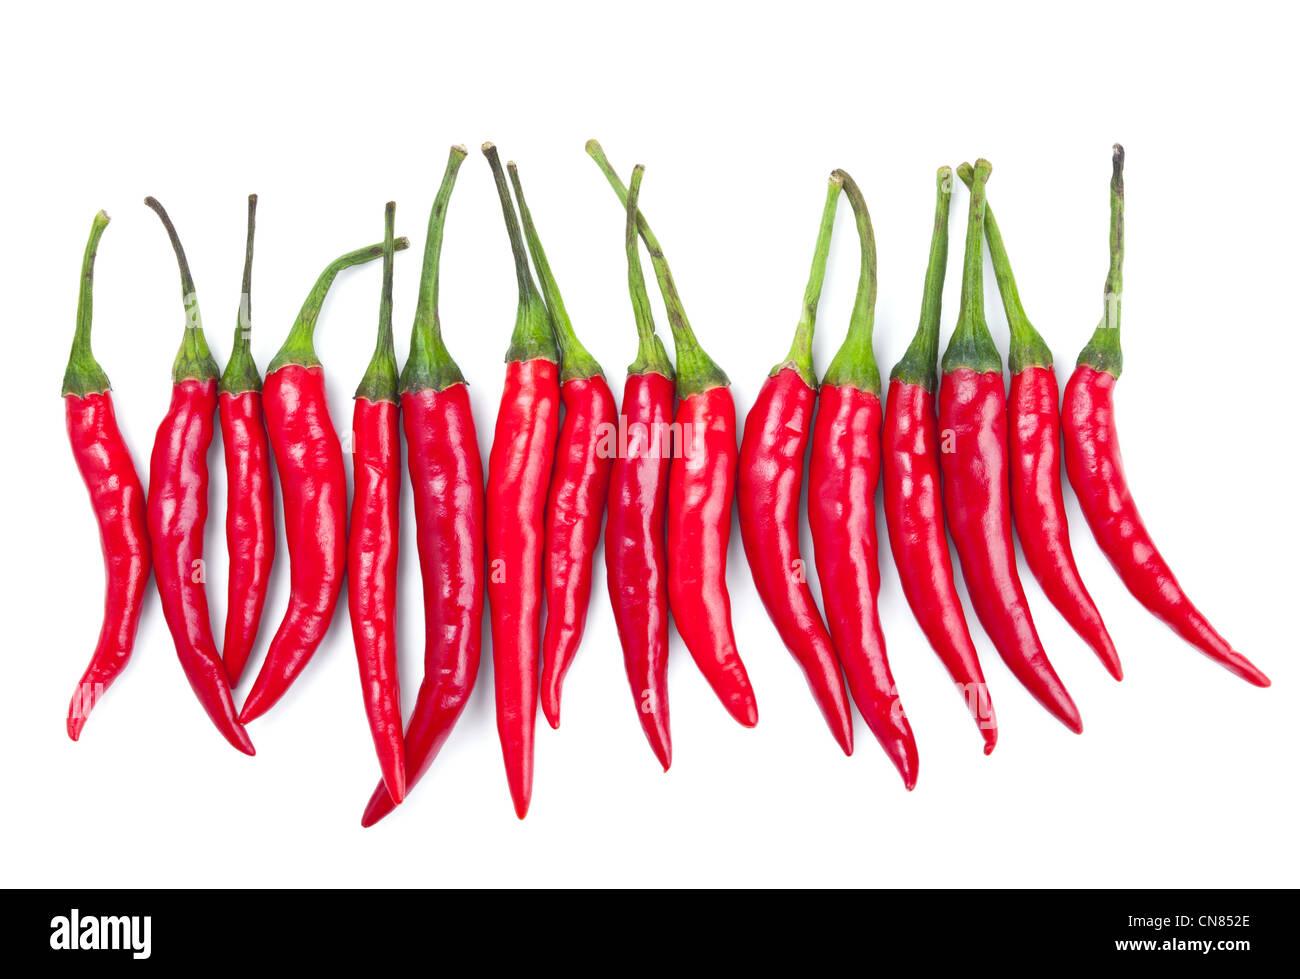 Piment rouge isolé sur fond blanc Photo Stock